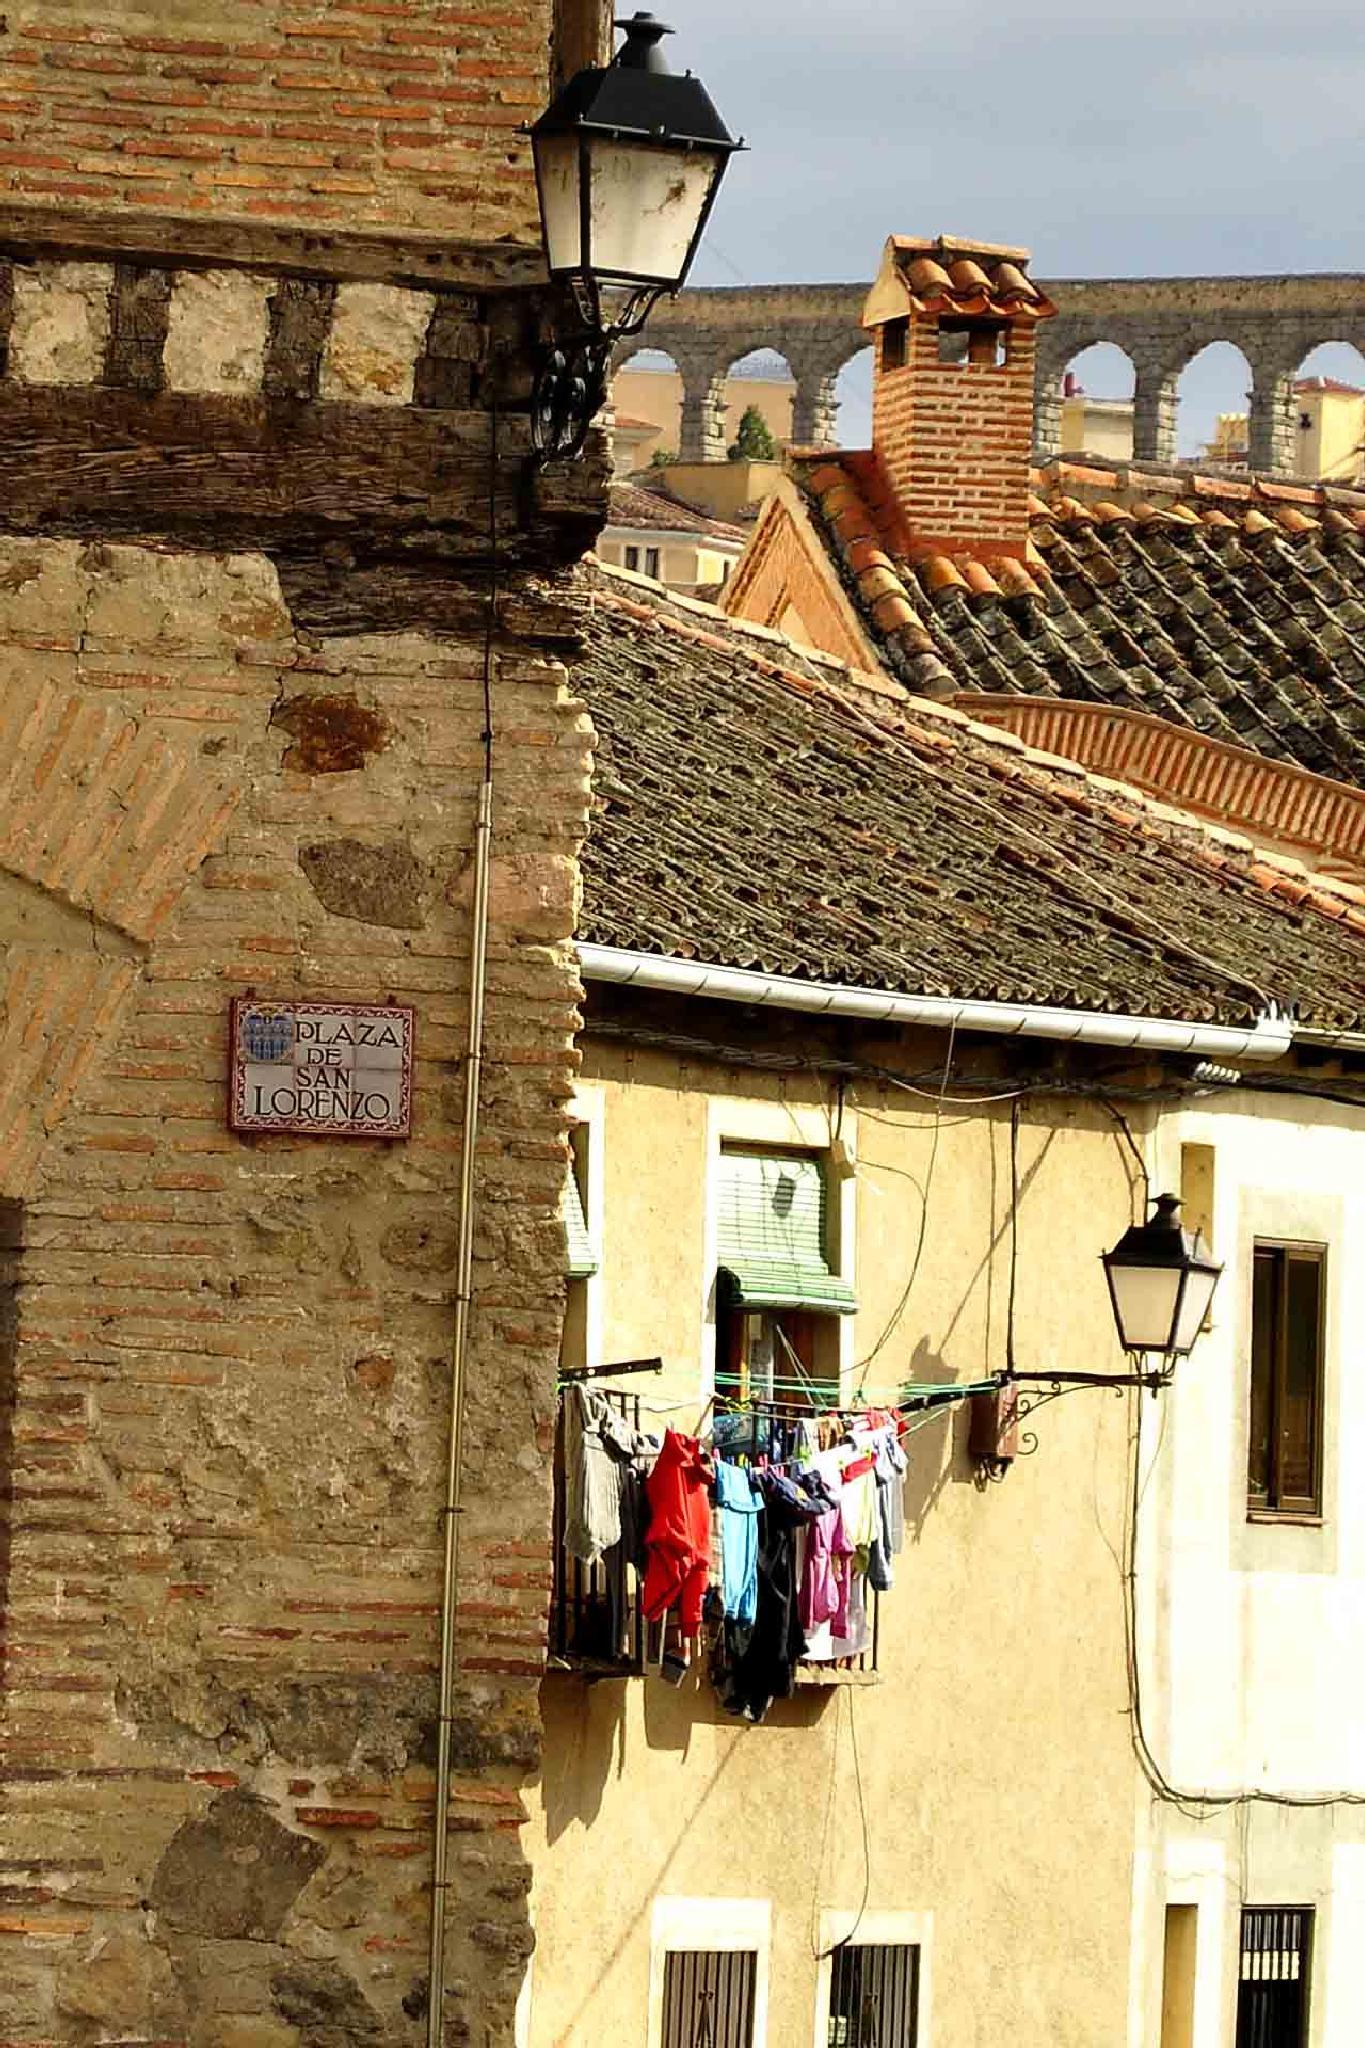 Segovia, Pza de san Lorenzo by Arturo Fernández